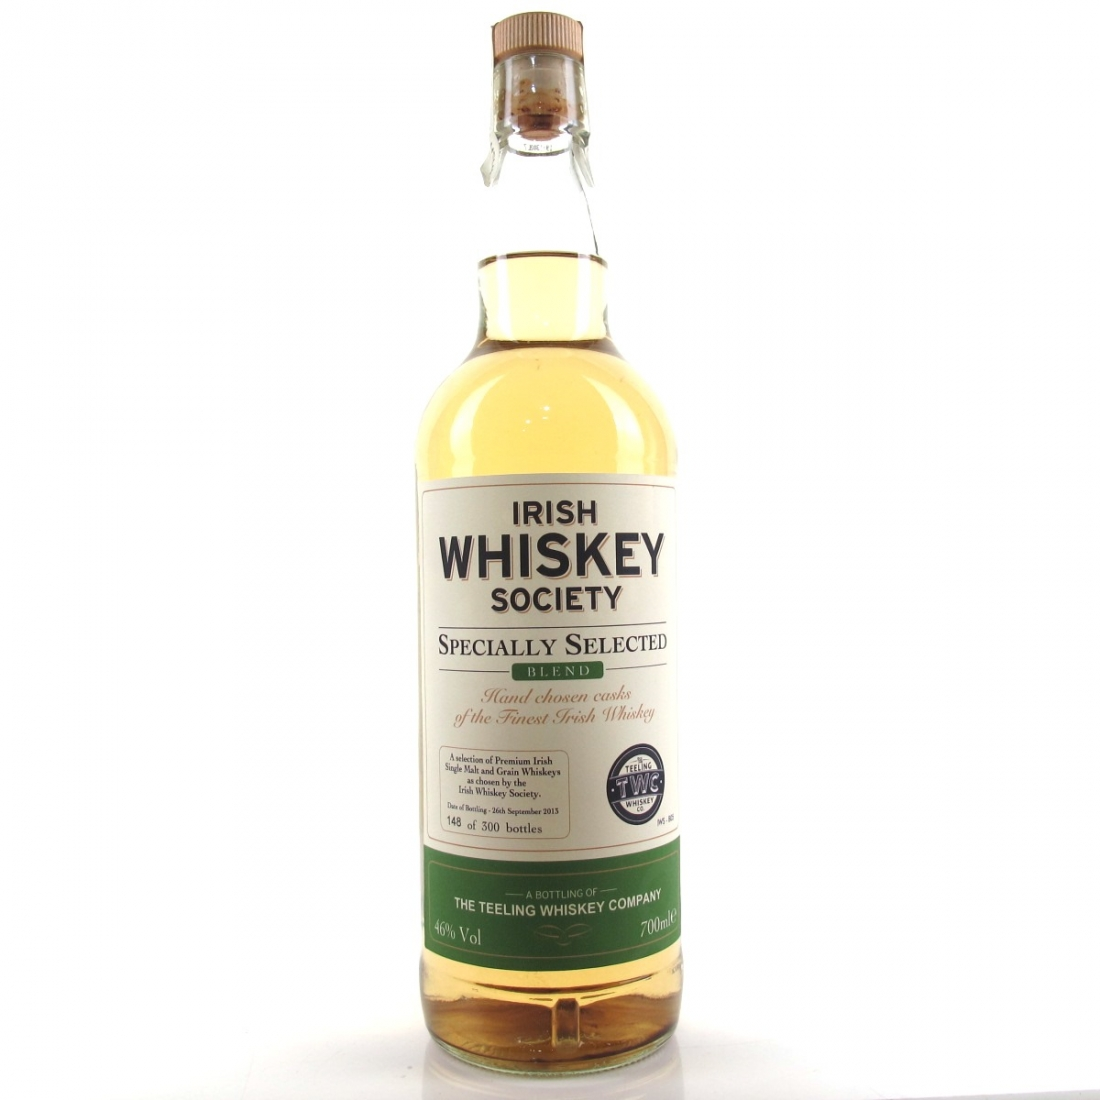 Teeling Specially Selected / Irish Whisky Society